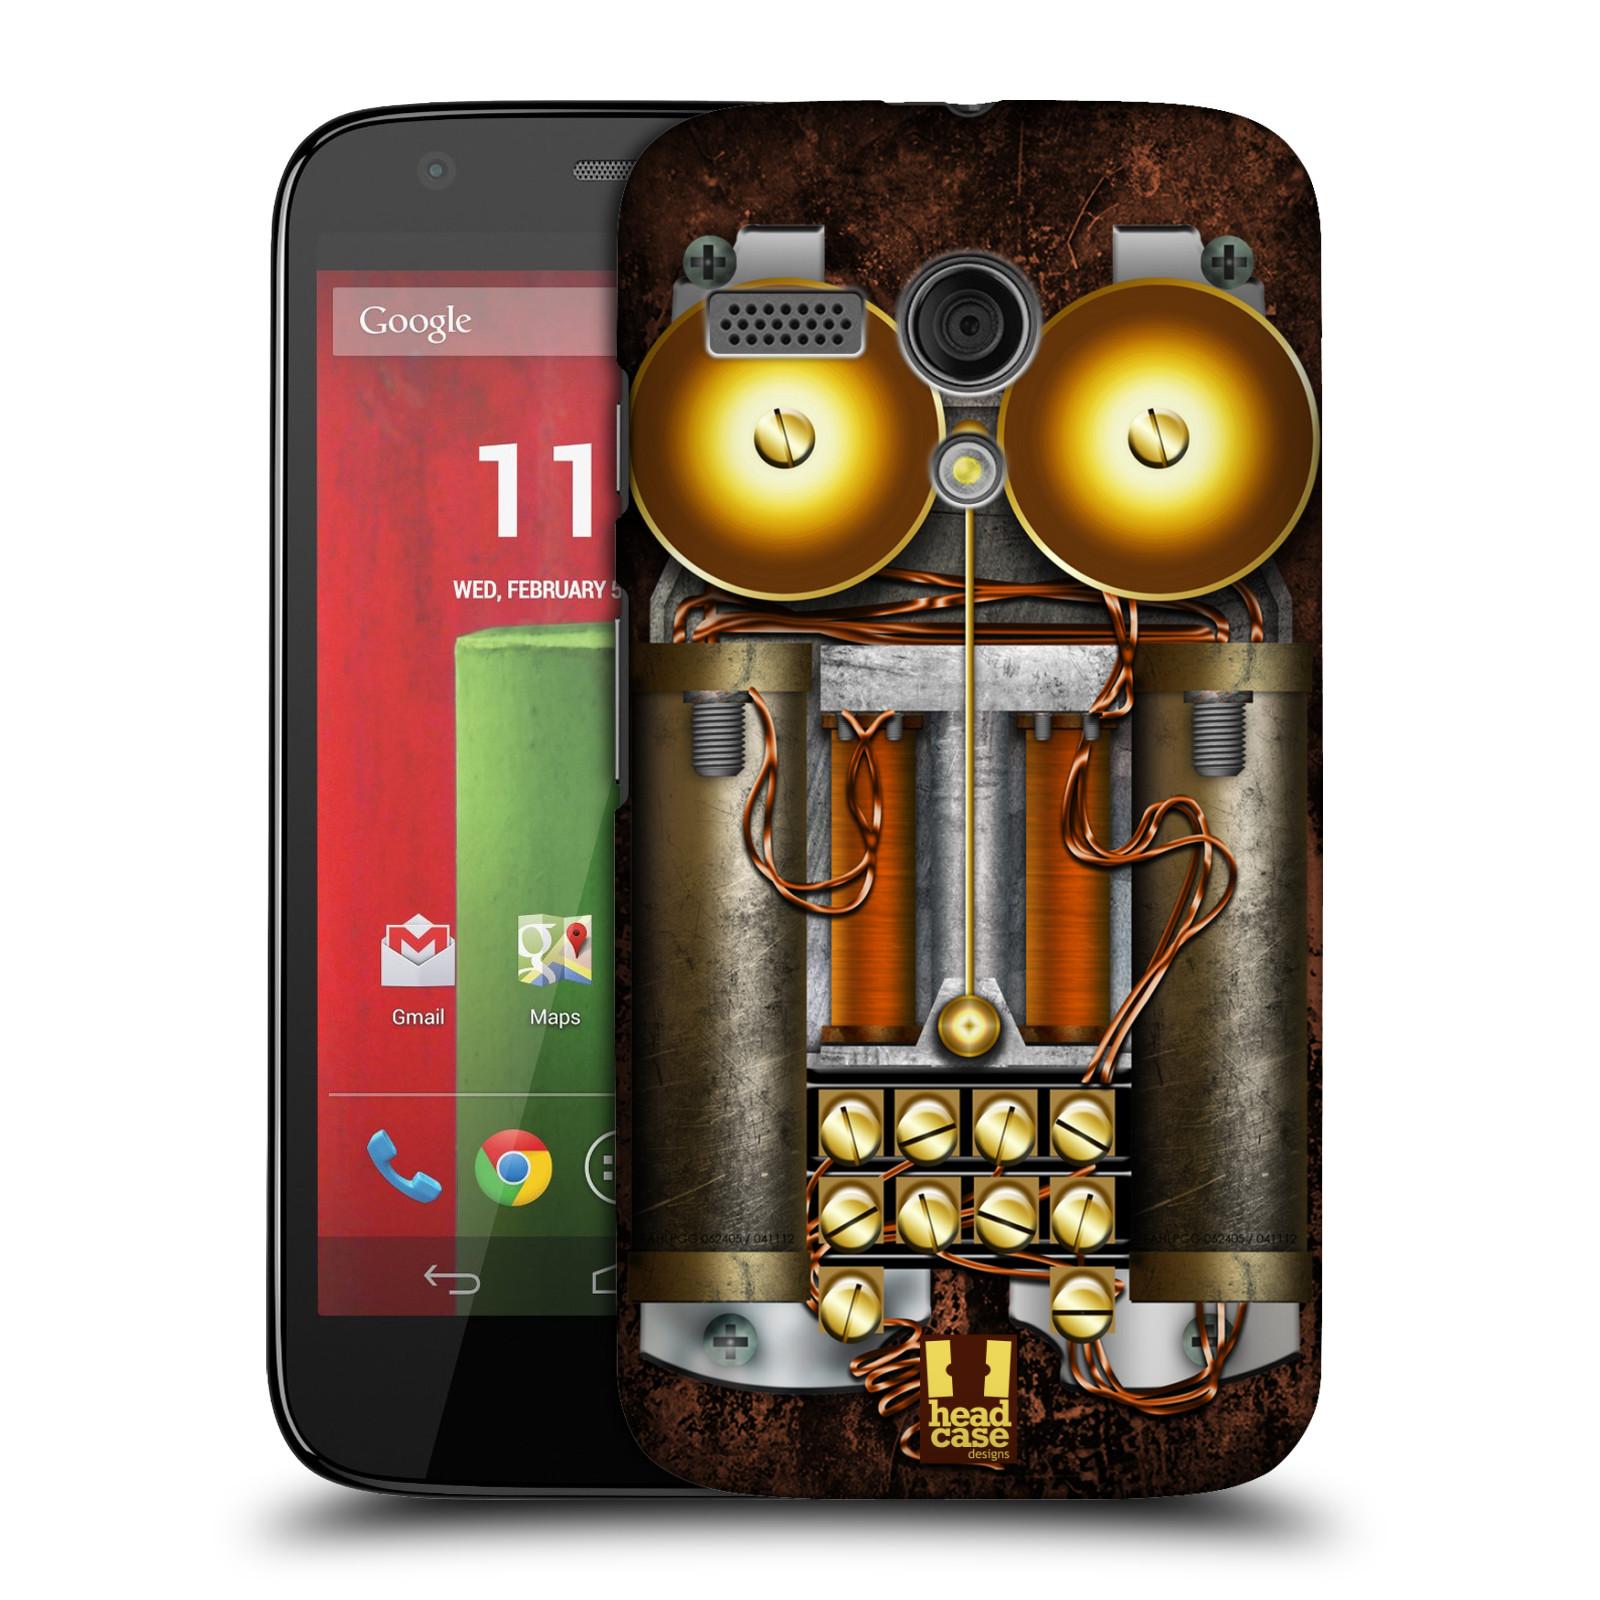 Plastové pouzdro na mobil Motorola Moto G HEAD CASE STEAMPUNK TELEFON (Kryt či obal na mobilní telefon Motorola Moto G)